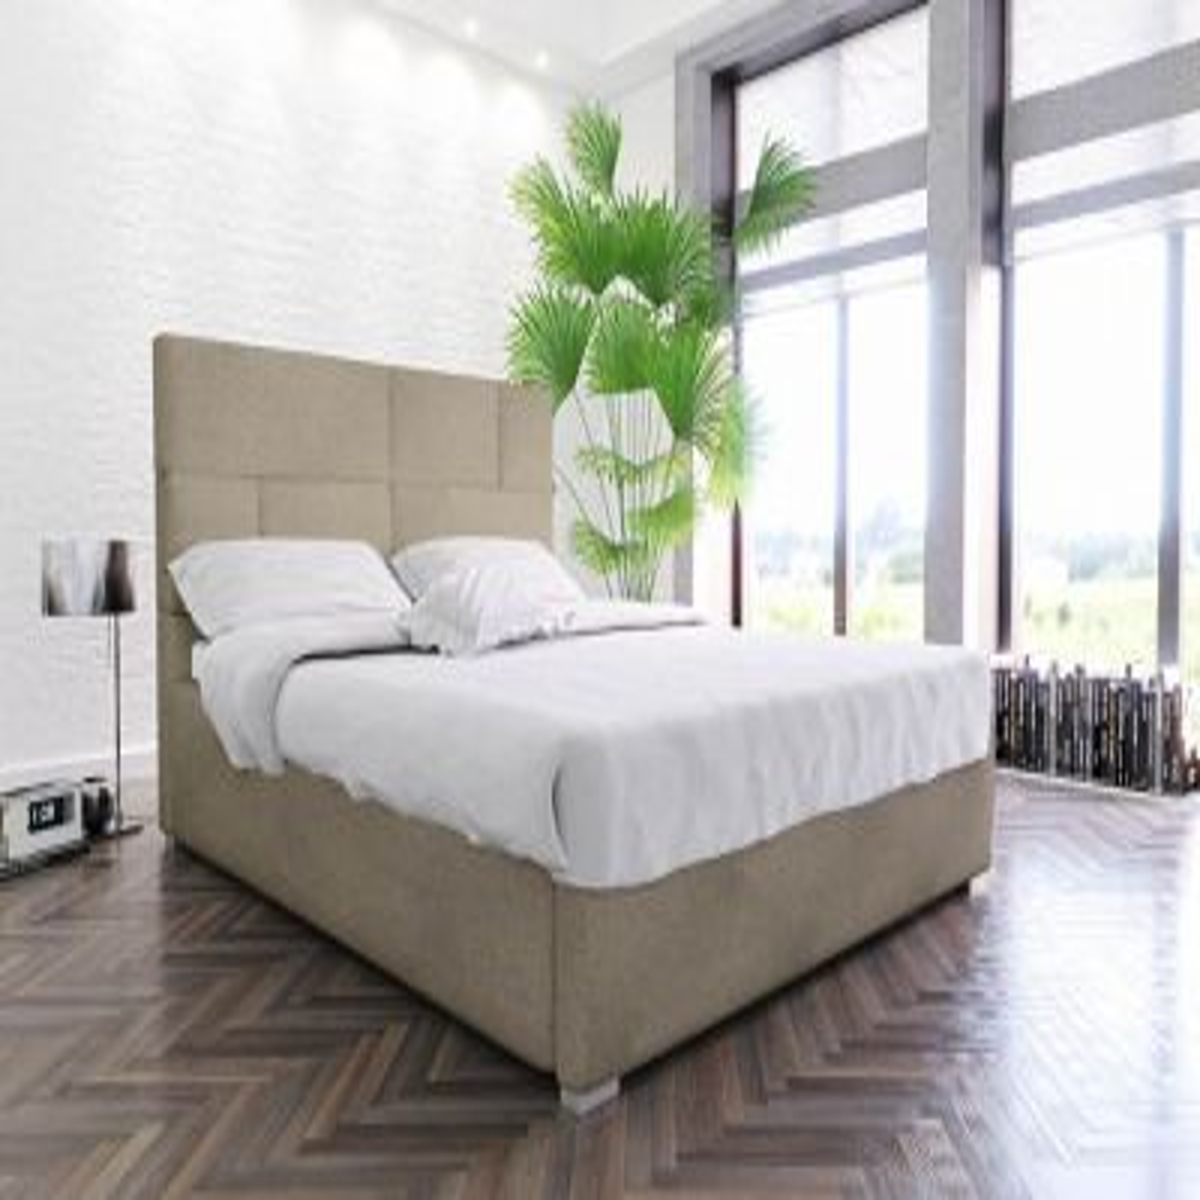 Łóżko PECOS 160x200 beżowe z pojemnikiem